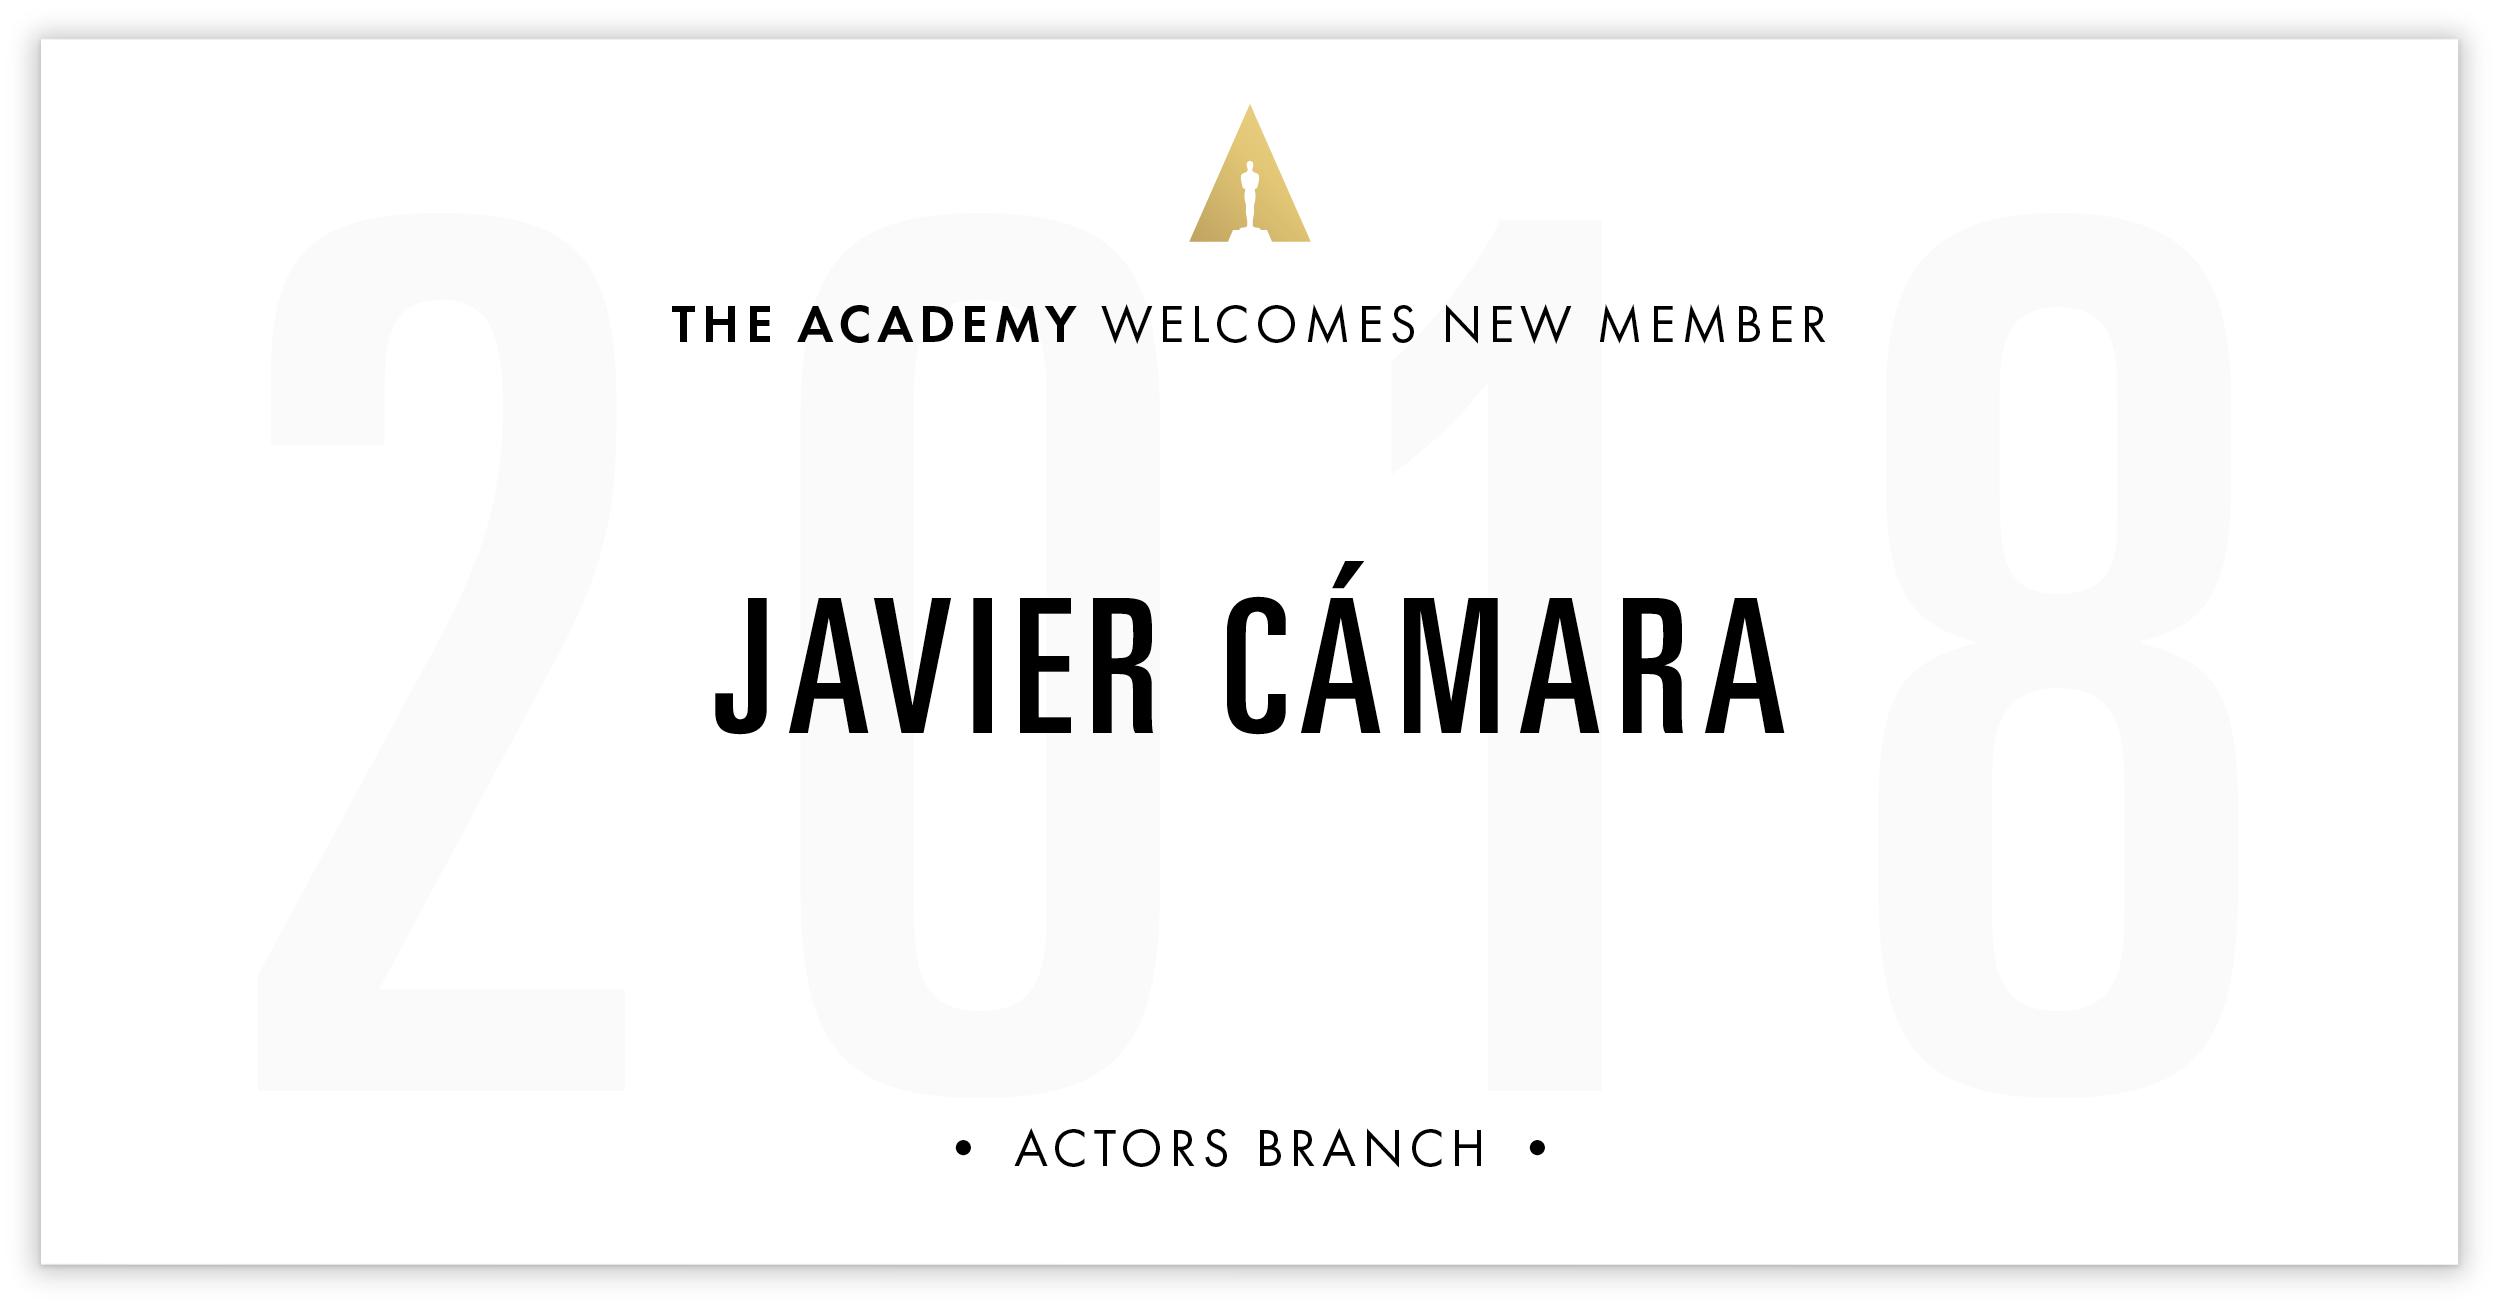 Javier Cámara is invited!